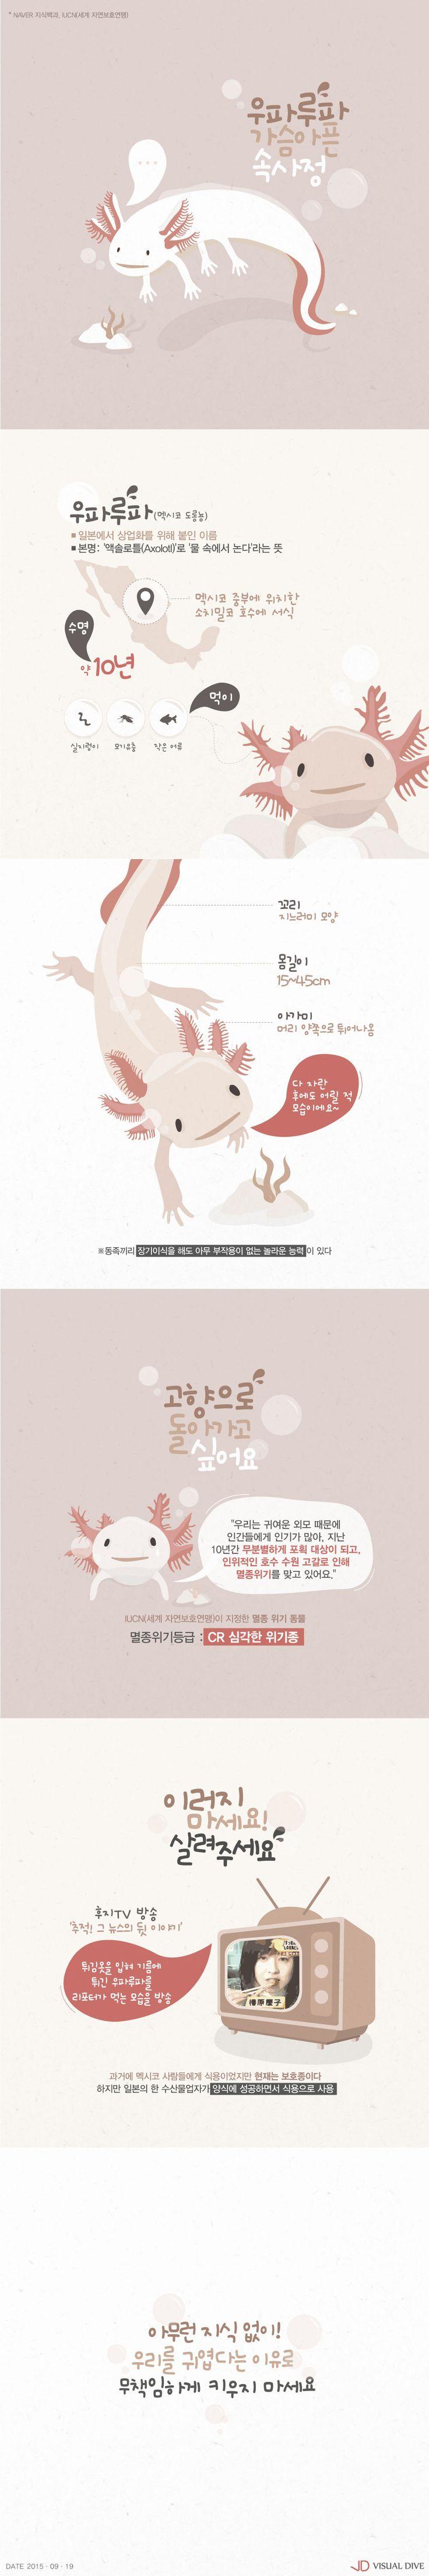 '우파루파'의 가슴 아픈 속사정을 아시나요? [인포그래픽] #Axolotl / #Infographic ⓒ 비주얼다이브 무단 복사·전재·재배포 금지